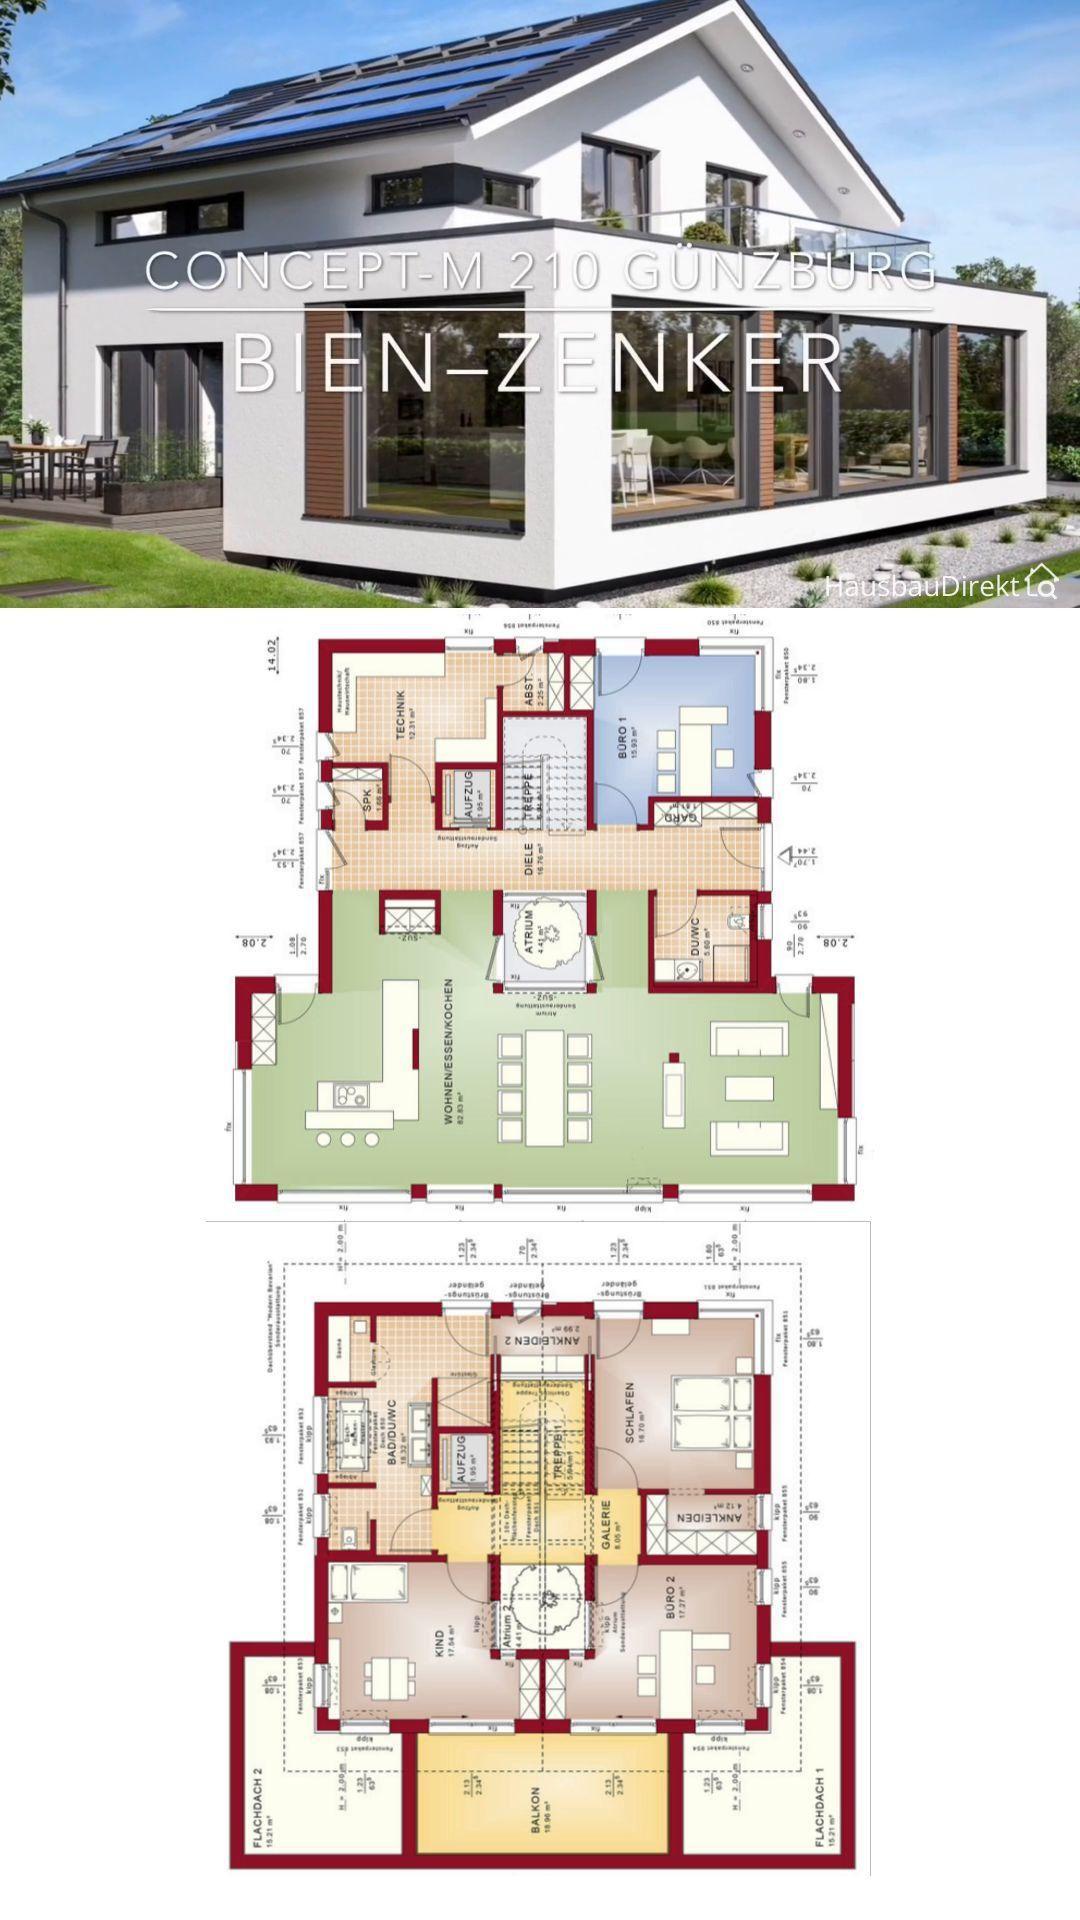 Moderner Einfamilienhaus Grundriss offen mit Patio, Satteldach & XL Erker bauen - Fertighaus 250 qm